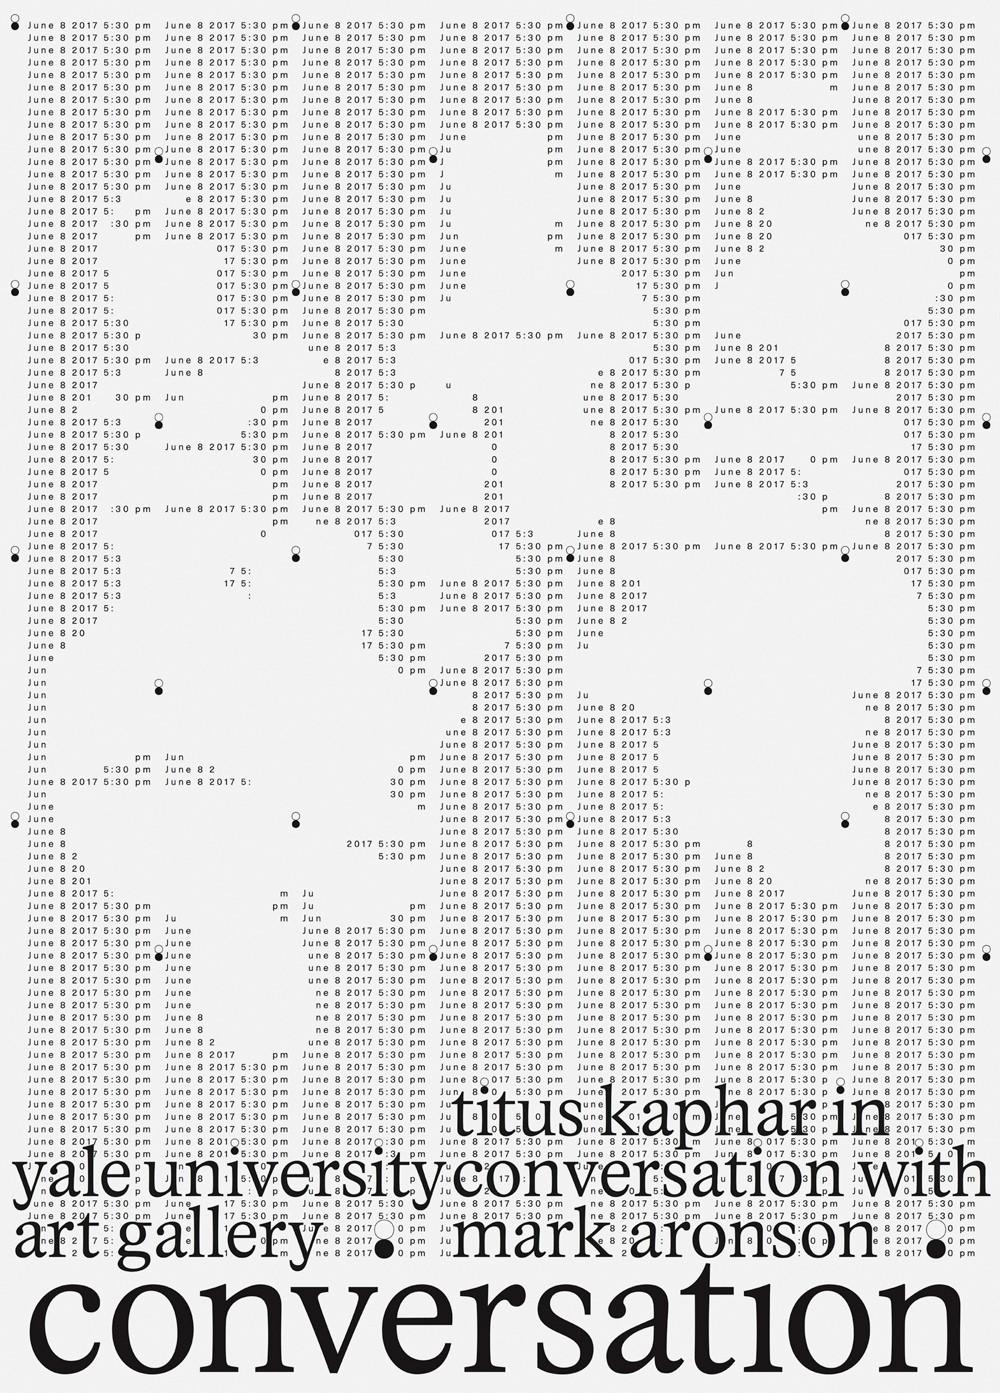 7_yale-art-gallery-poster-series-2.jpg